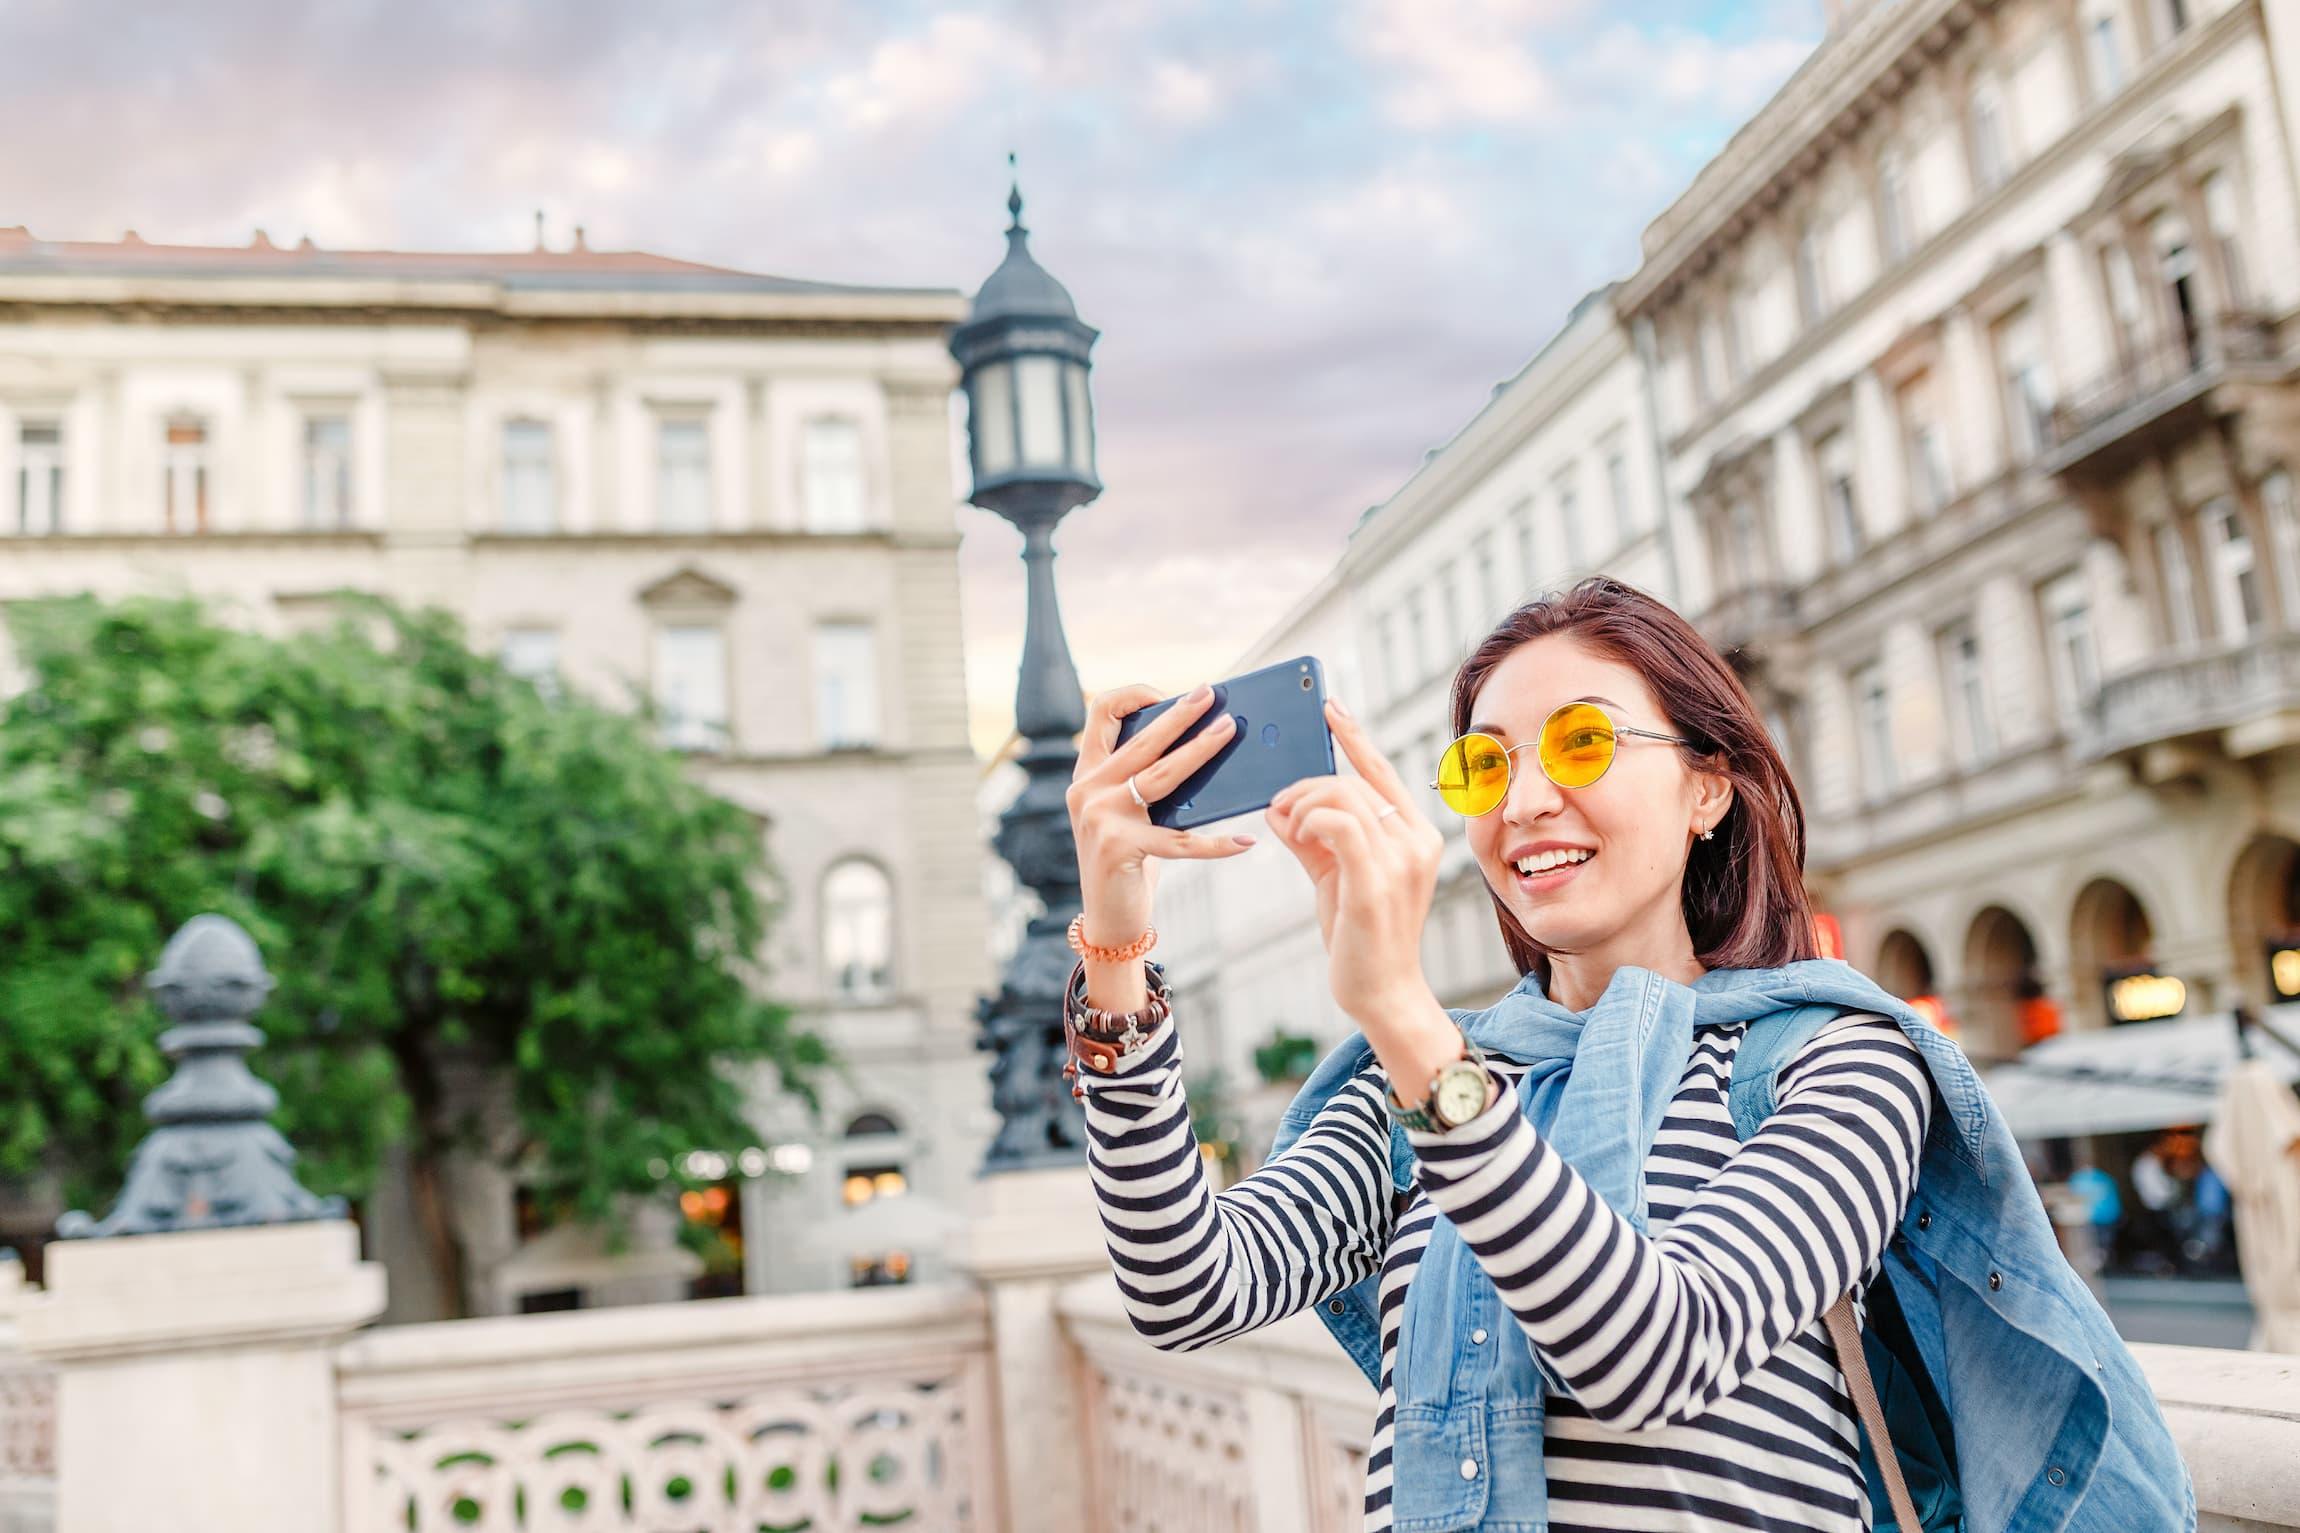 A woman takes a selfie photo in an urban backdrop.